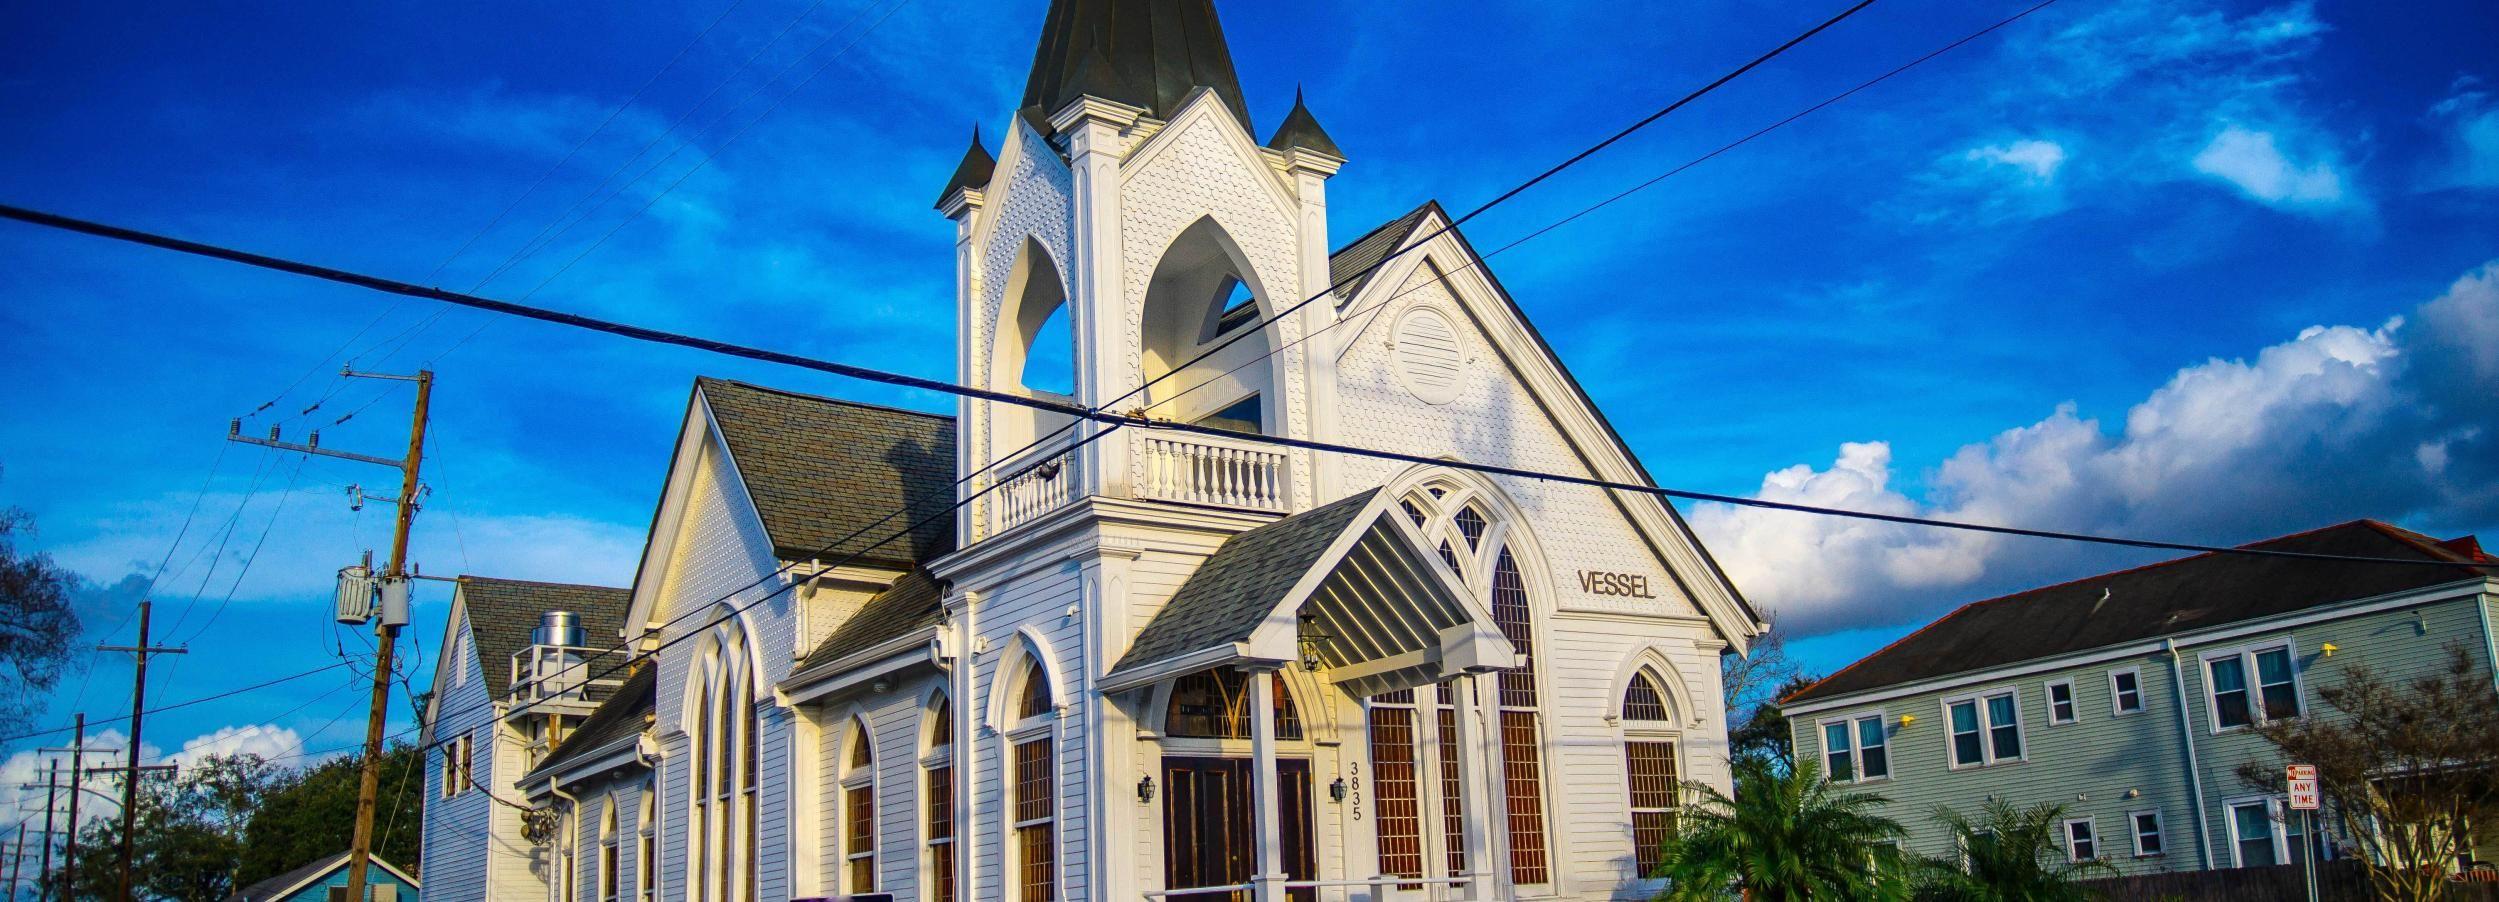 Nueva Orleans: tour urbano nocturno 2h cementerio encantado